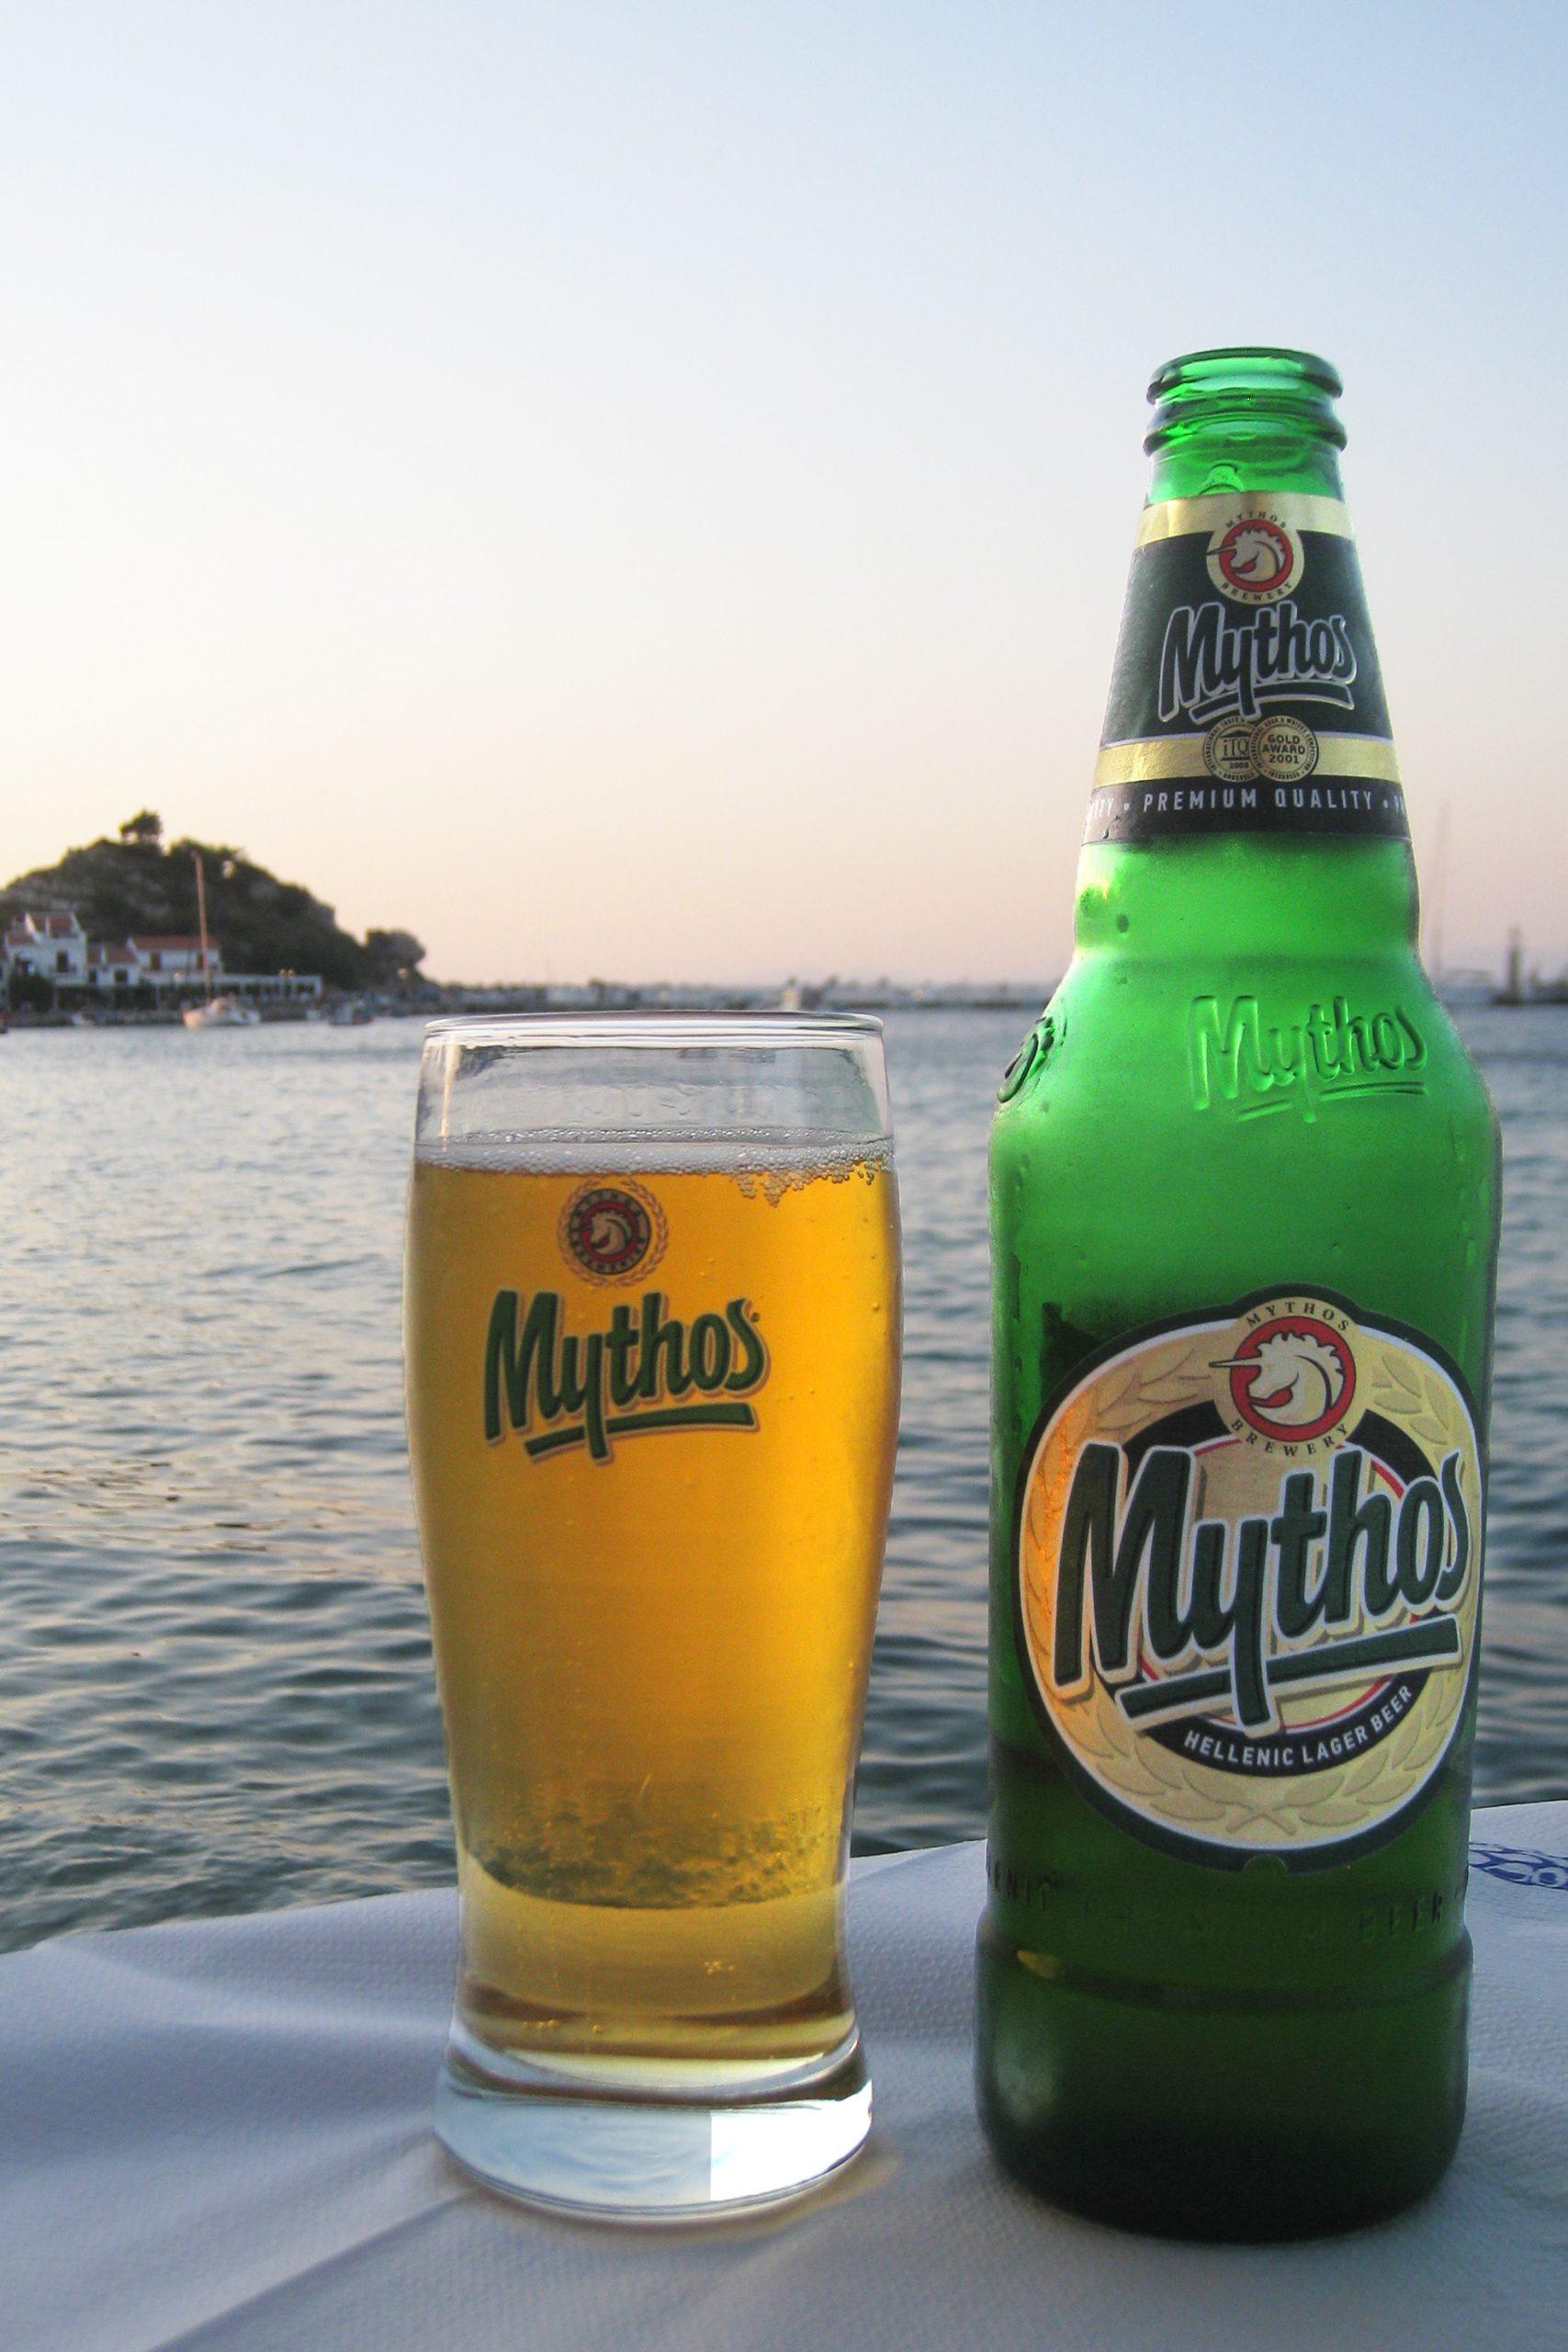 Greek drinks, drinks in Greece, Greek Beverages, beers in Greece, Mythos Beer